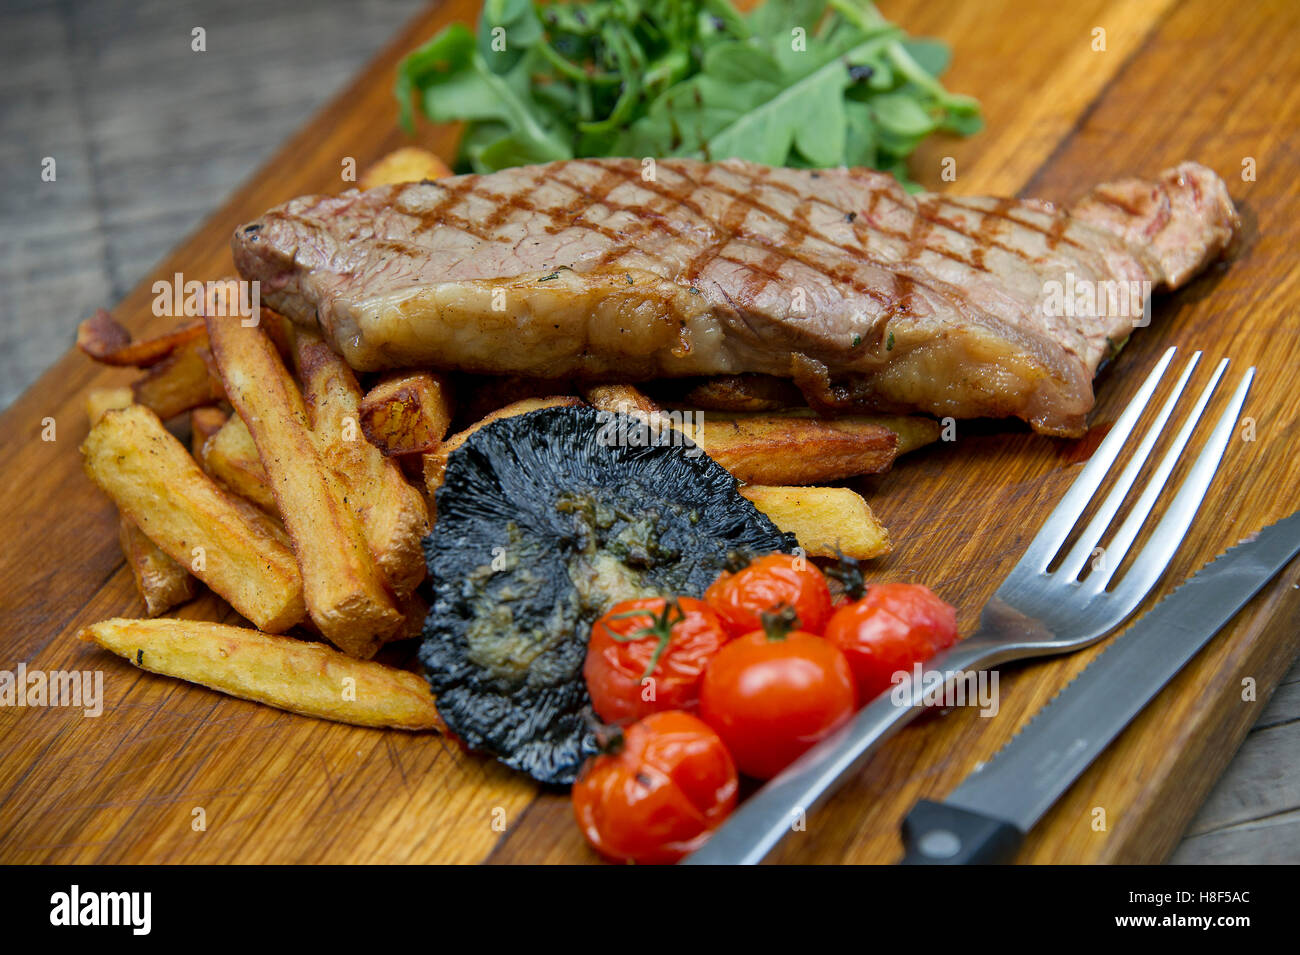 Tolle Küche Speise Stand Uk Ideen - Küche Set Ideen - deriherusweets ...